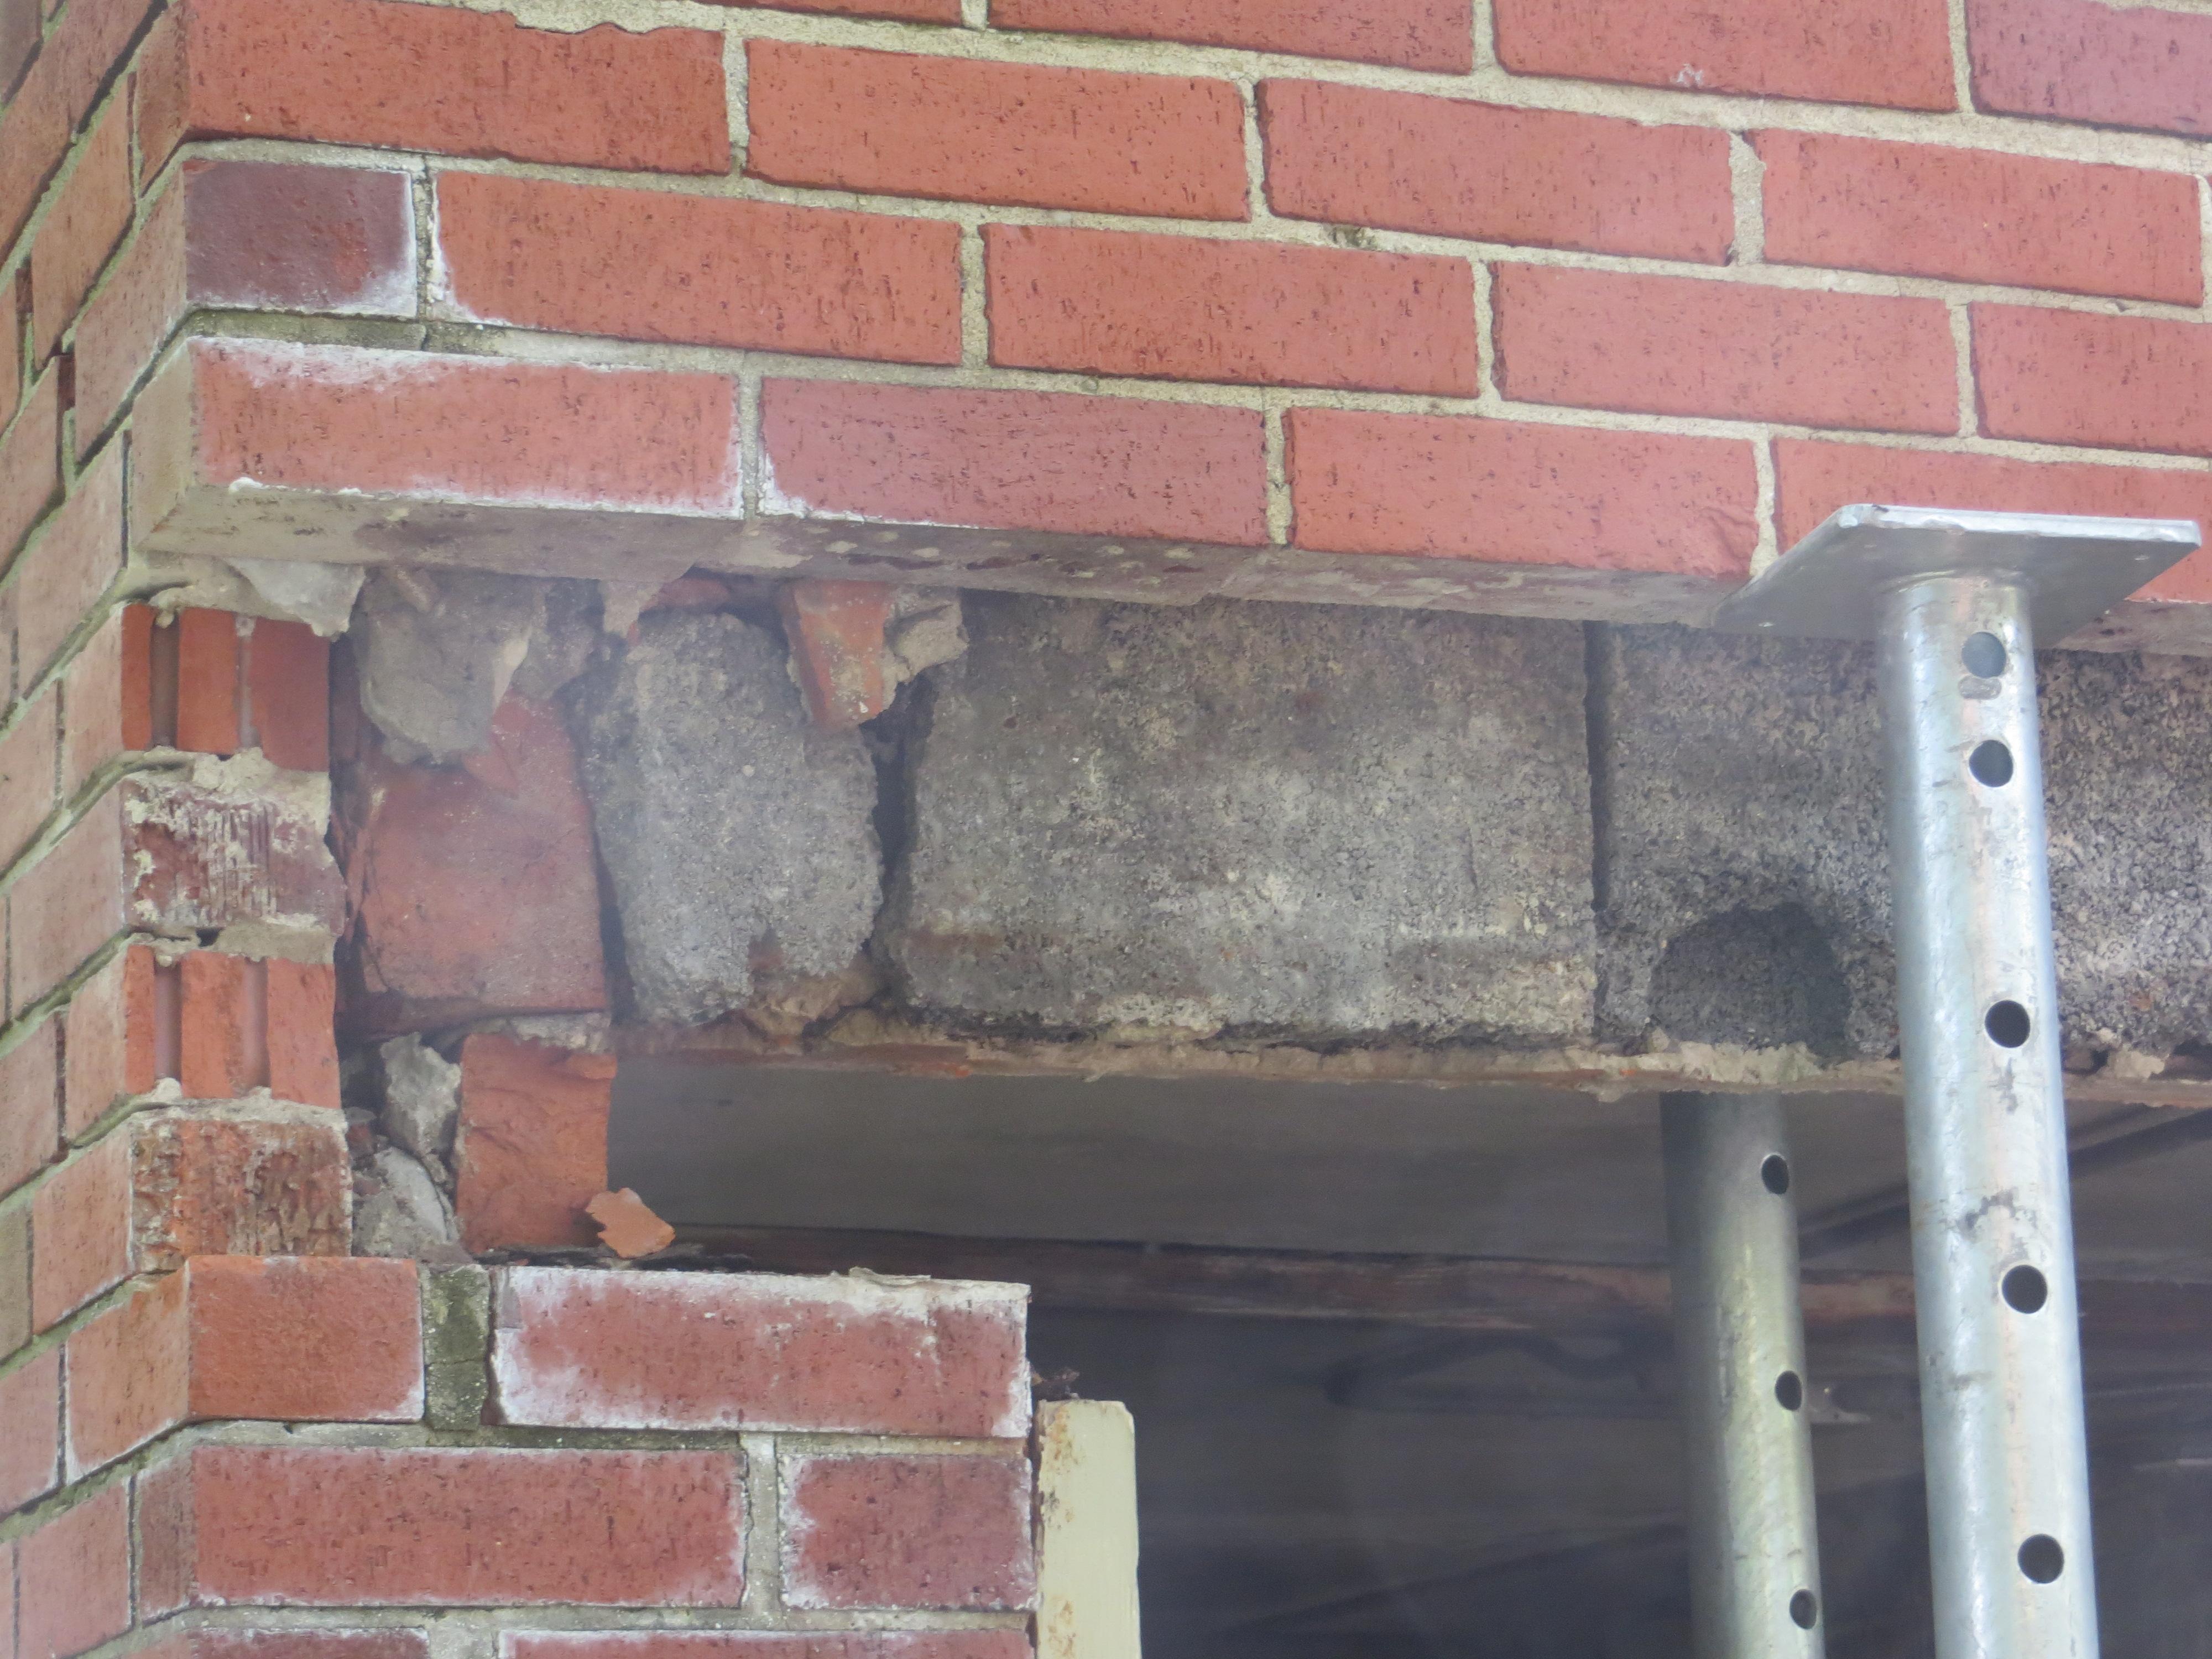 Garage Lintel Replacement